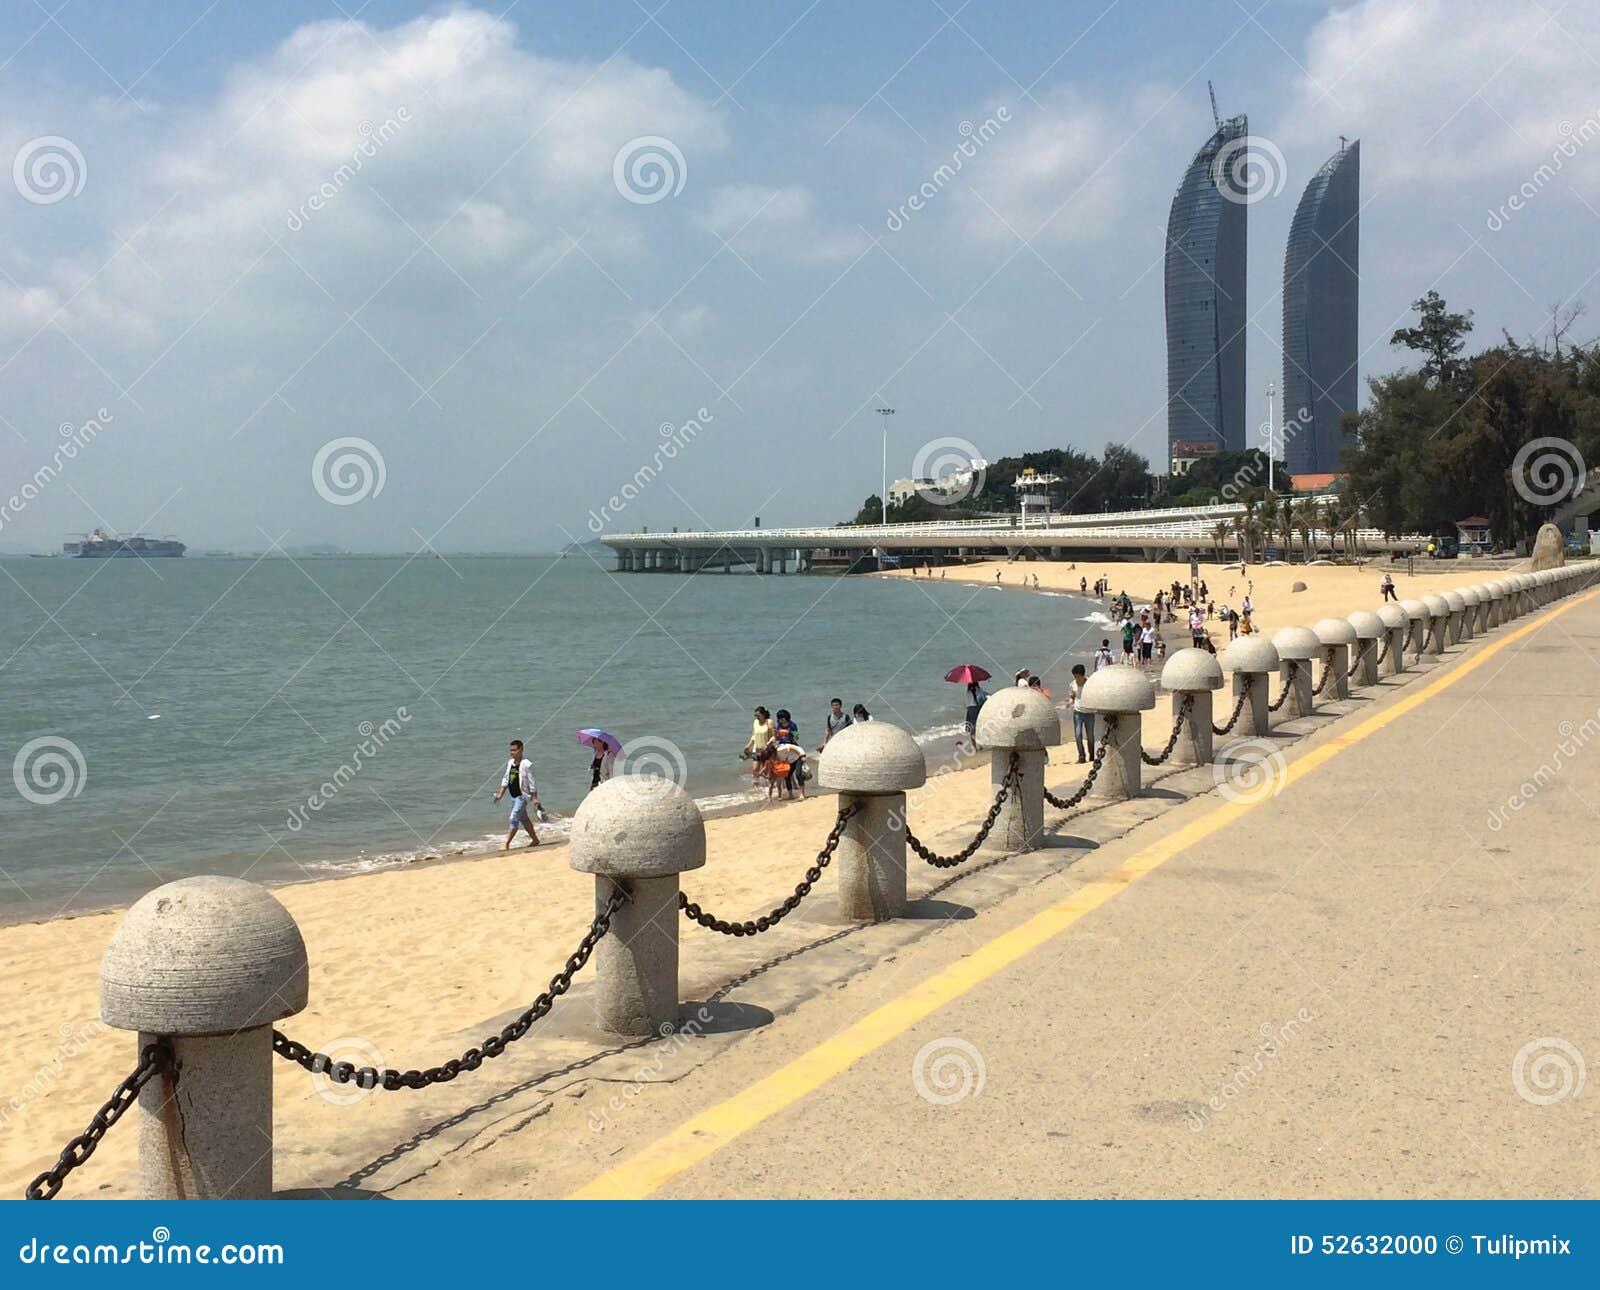 tours jumelles et plage dans la ville de xiamen chine du sud est image ditorial image 52632000. Black Bedroom Furniture Sets. Home Design Ideas